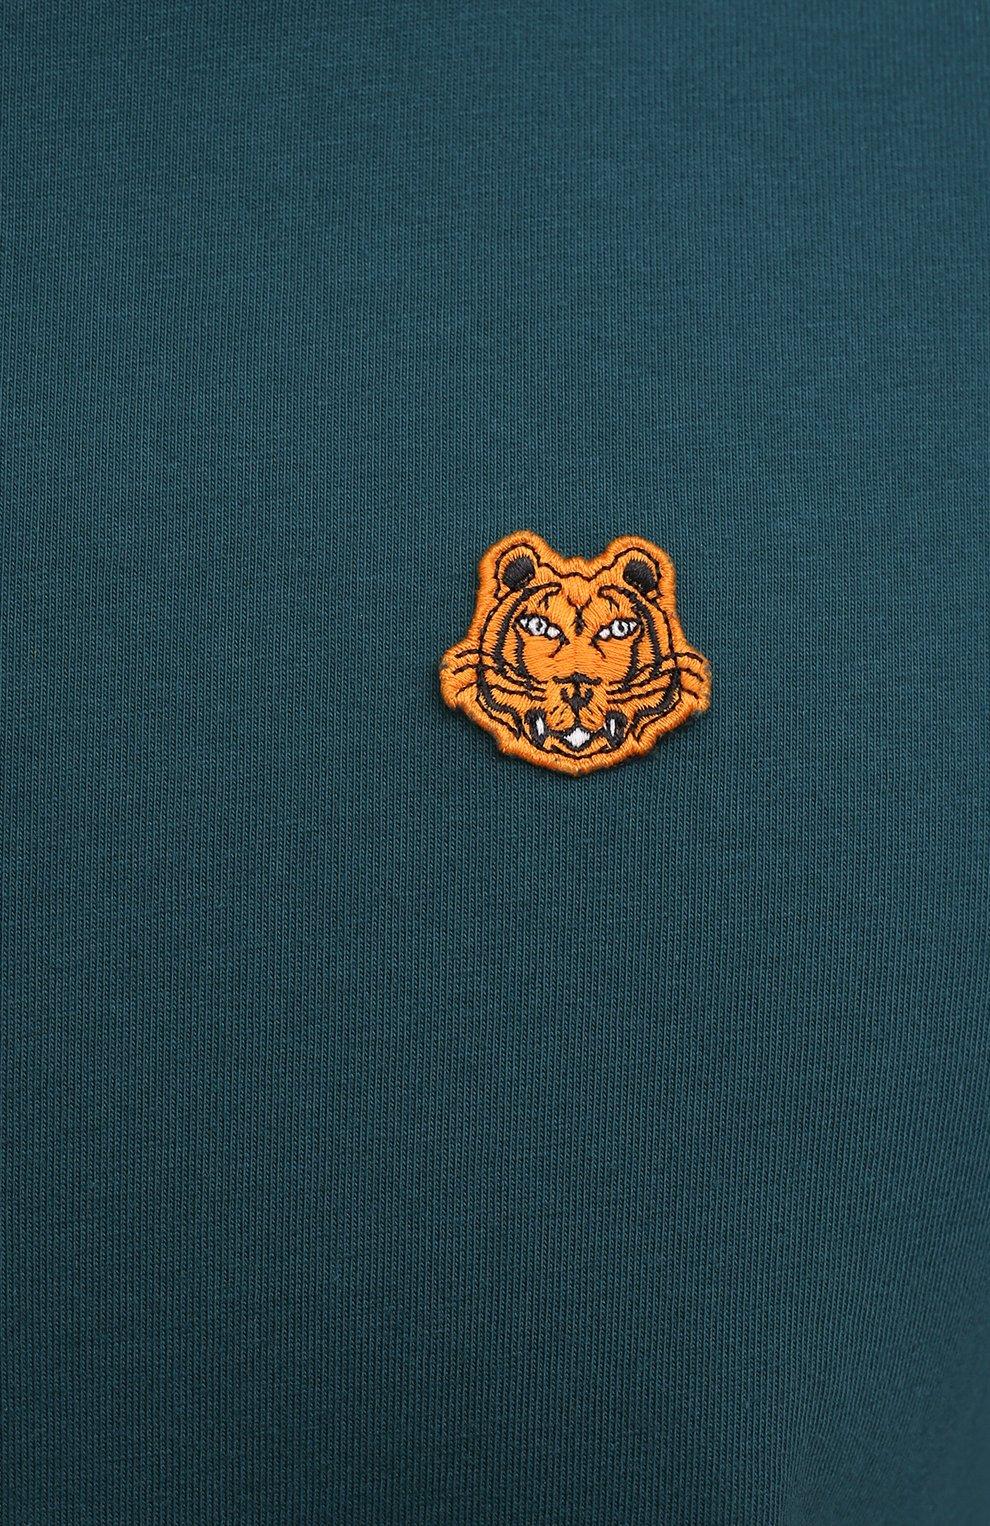 Мужская хлопковая футболка KENZO бирюзового цвета, арт. FB55TS0034SA | Фото 5 (Принт: Без принта; Рукава: Короткие; Длина (для топов): Стандартные; Материал внешний: Хлопок; Стили: Кэжуэл)